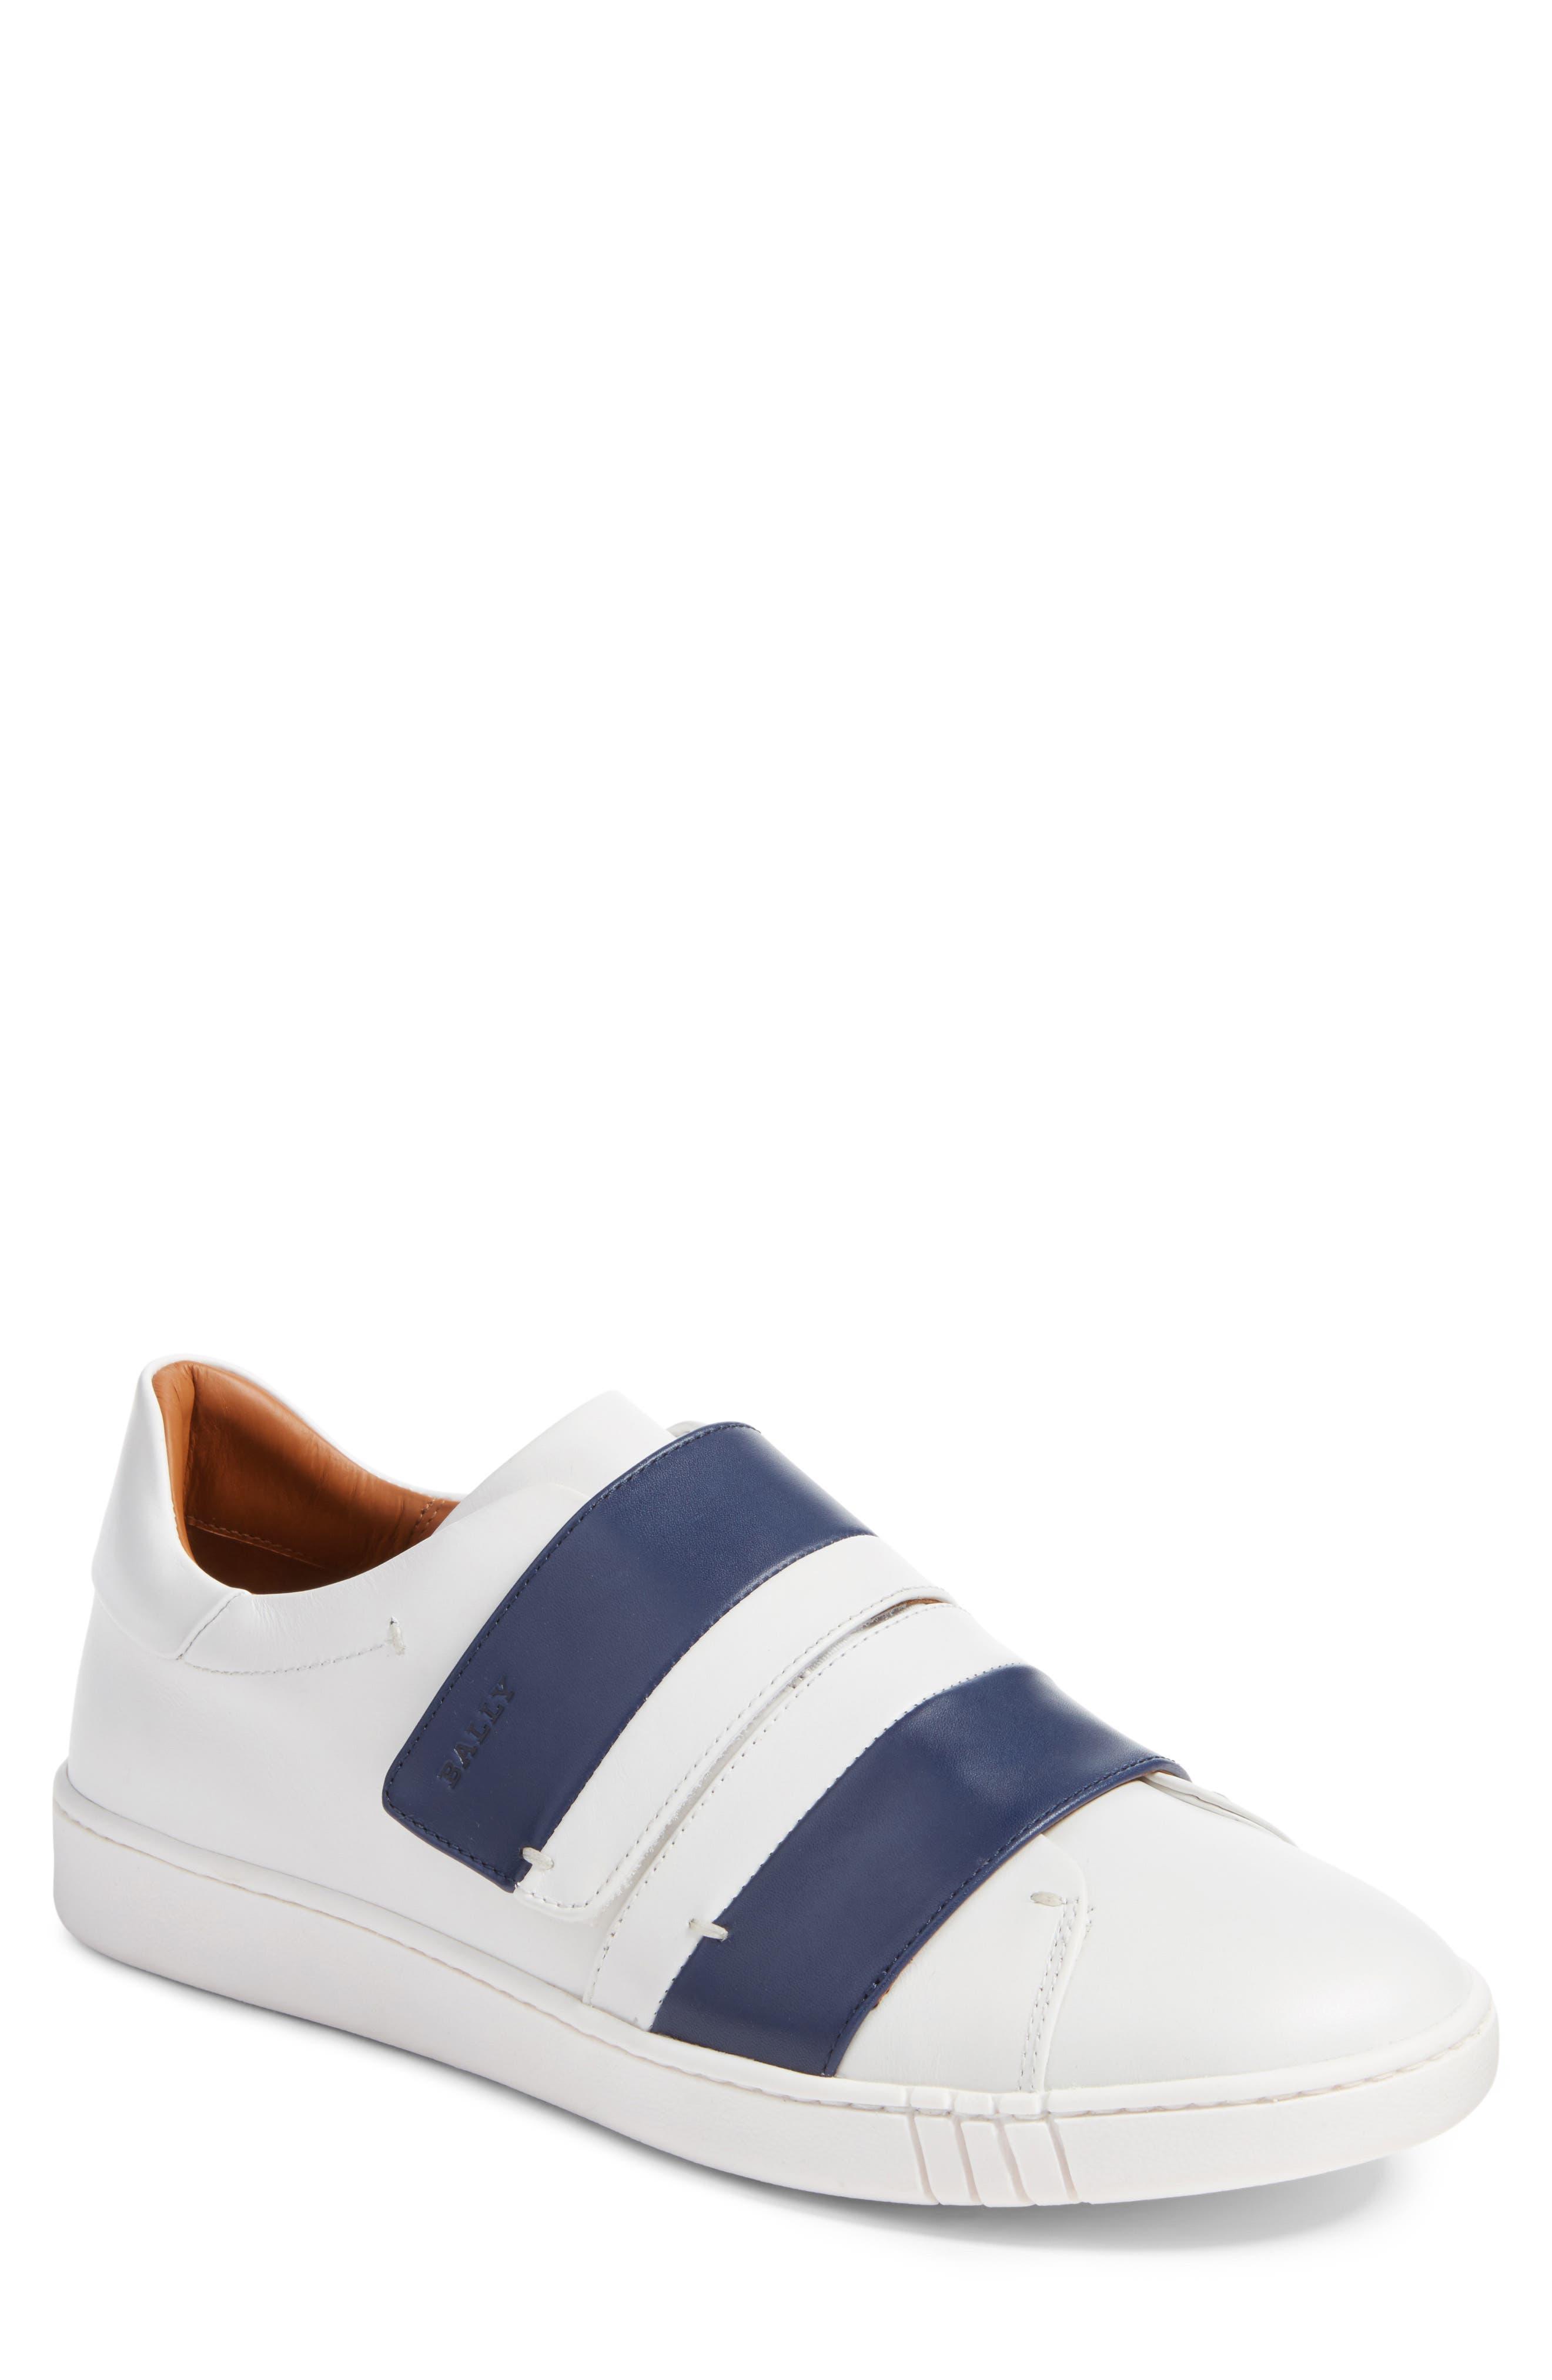 Bally Willet Sneaker (Men)